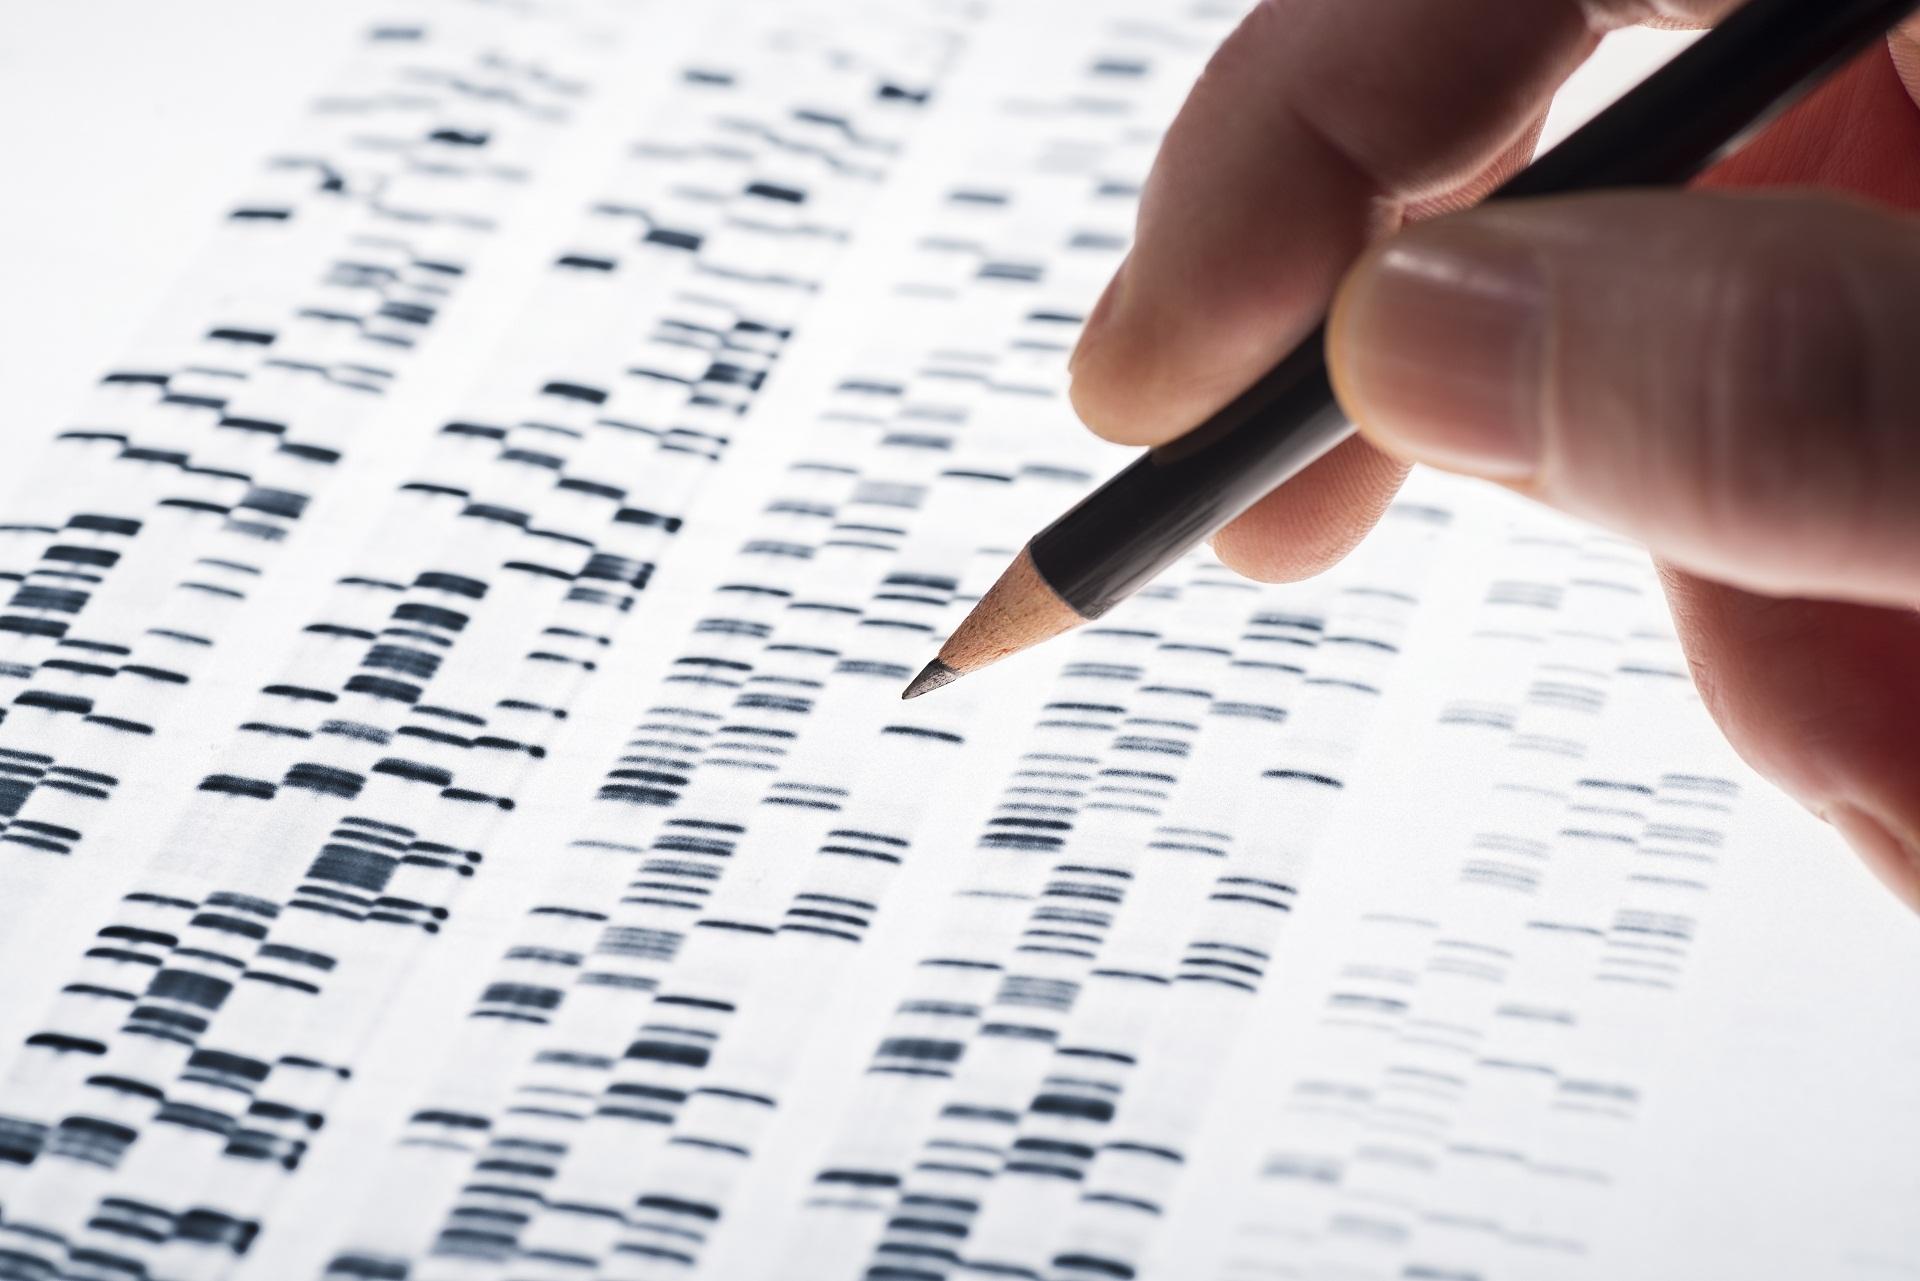 Achados incidentais são alterações genéticas observadas no sequenciamento completo do exoma ou genoma que não estão ligadas a doença inicialmente pesquisada